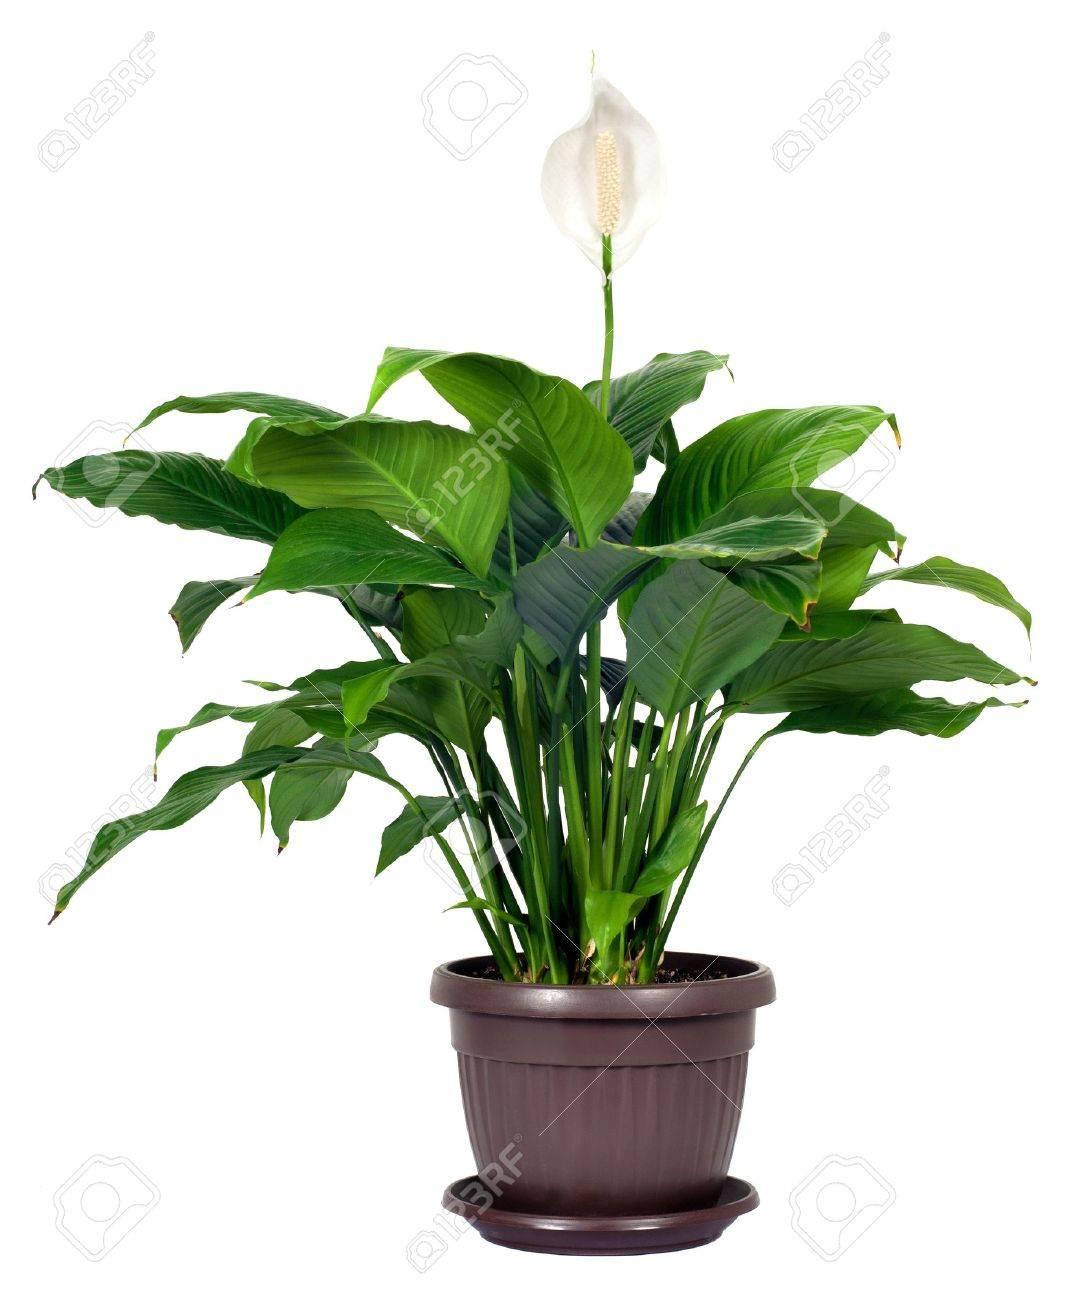 Houseplant spathiphyllum floribundum peace lily white flower houseplant spathiphyllum floribundum peace lily white flower isolated on white background stock photo 13292454 izmirmasajfo